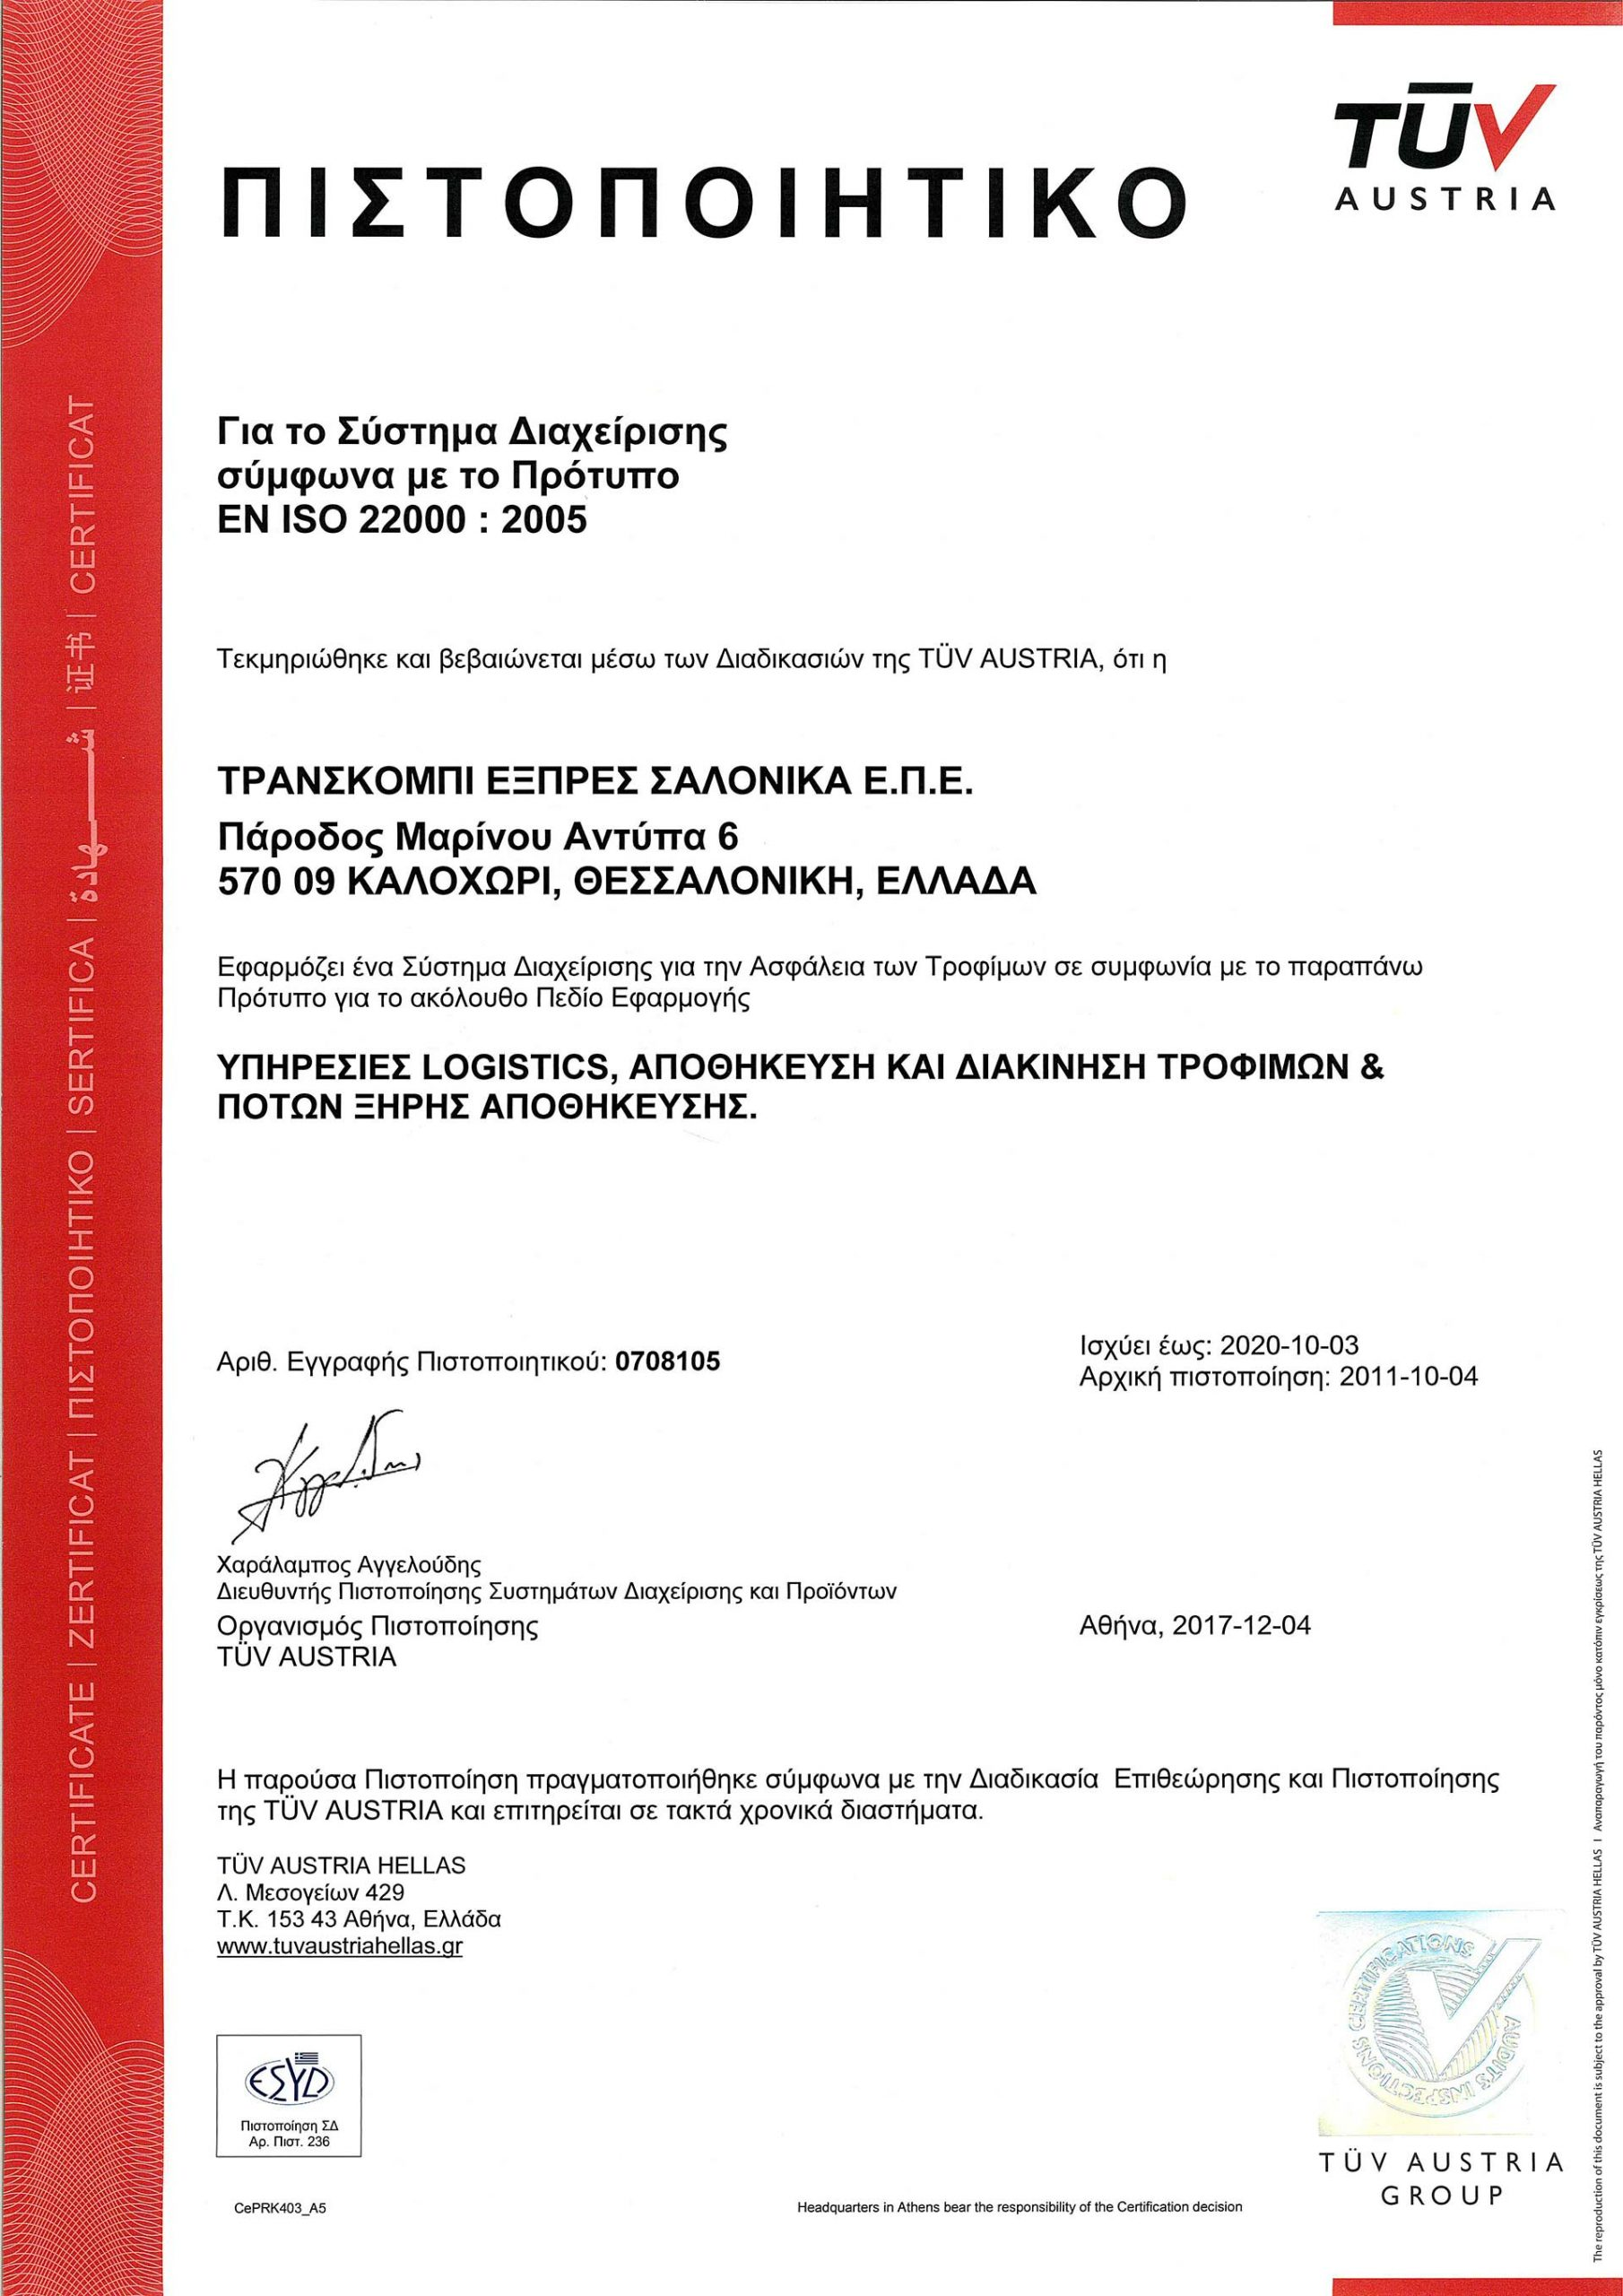 CERT_TRANSKOMPI_22000_2005_2018-1